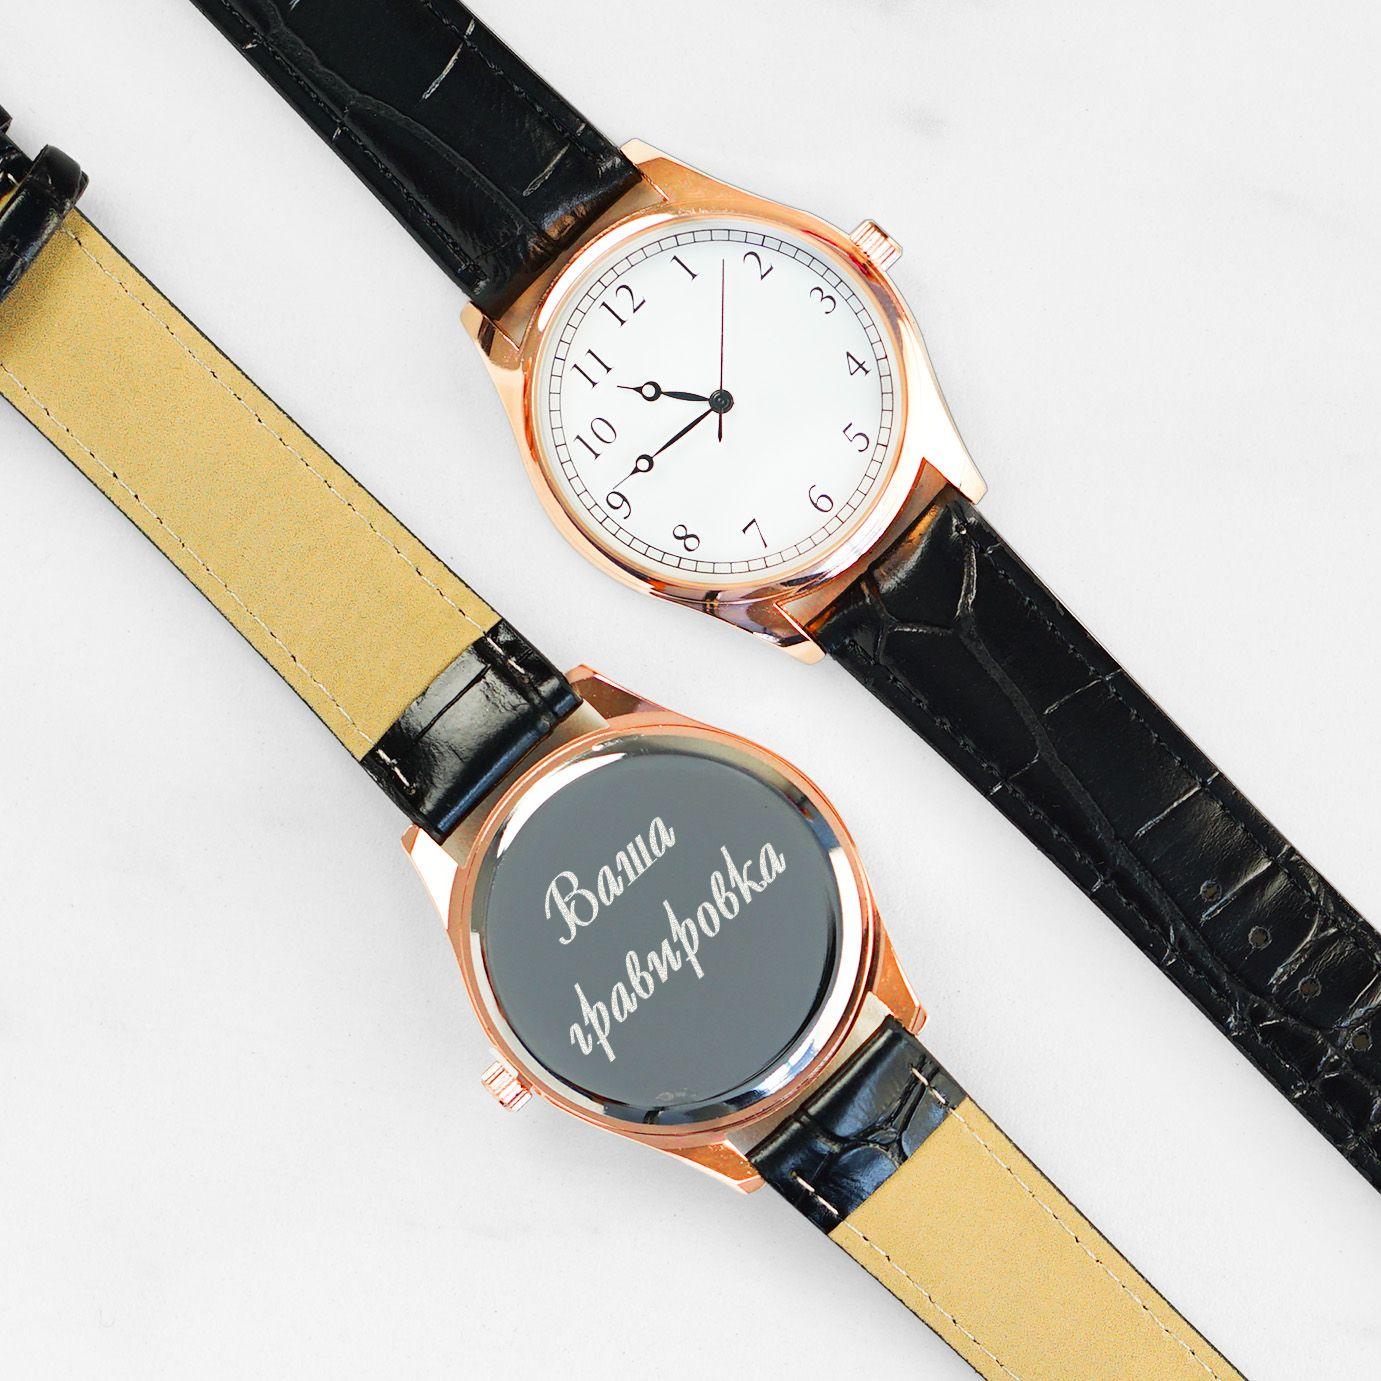 Наручные часы Gold с гравировкой подарить